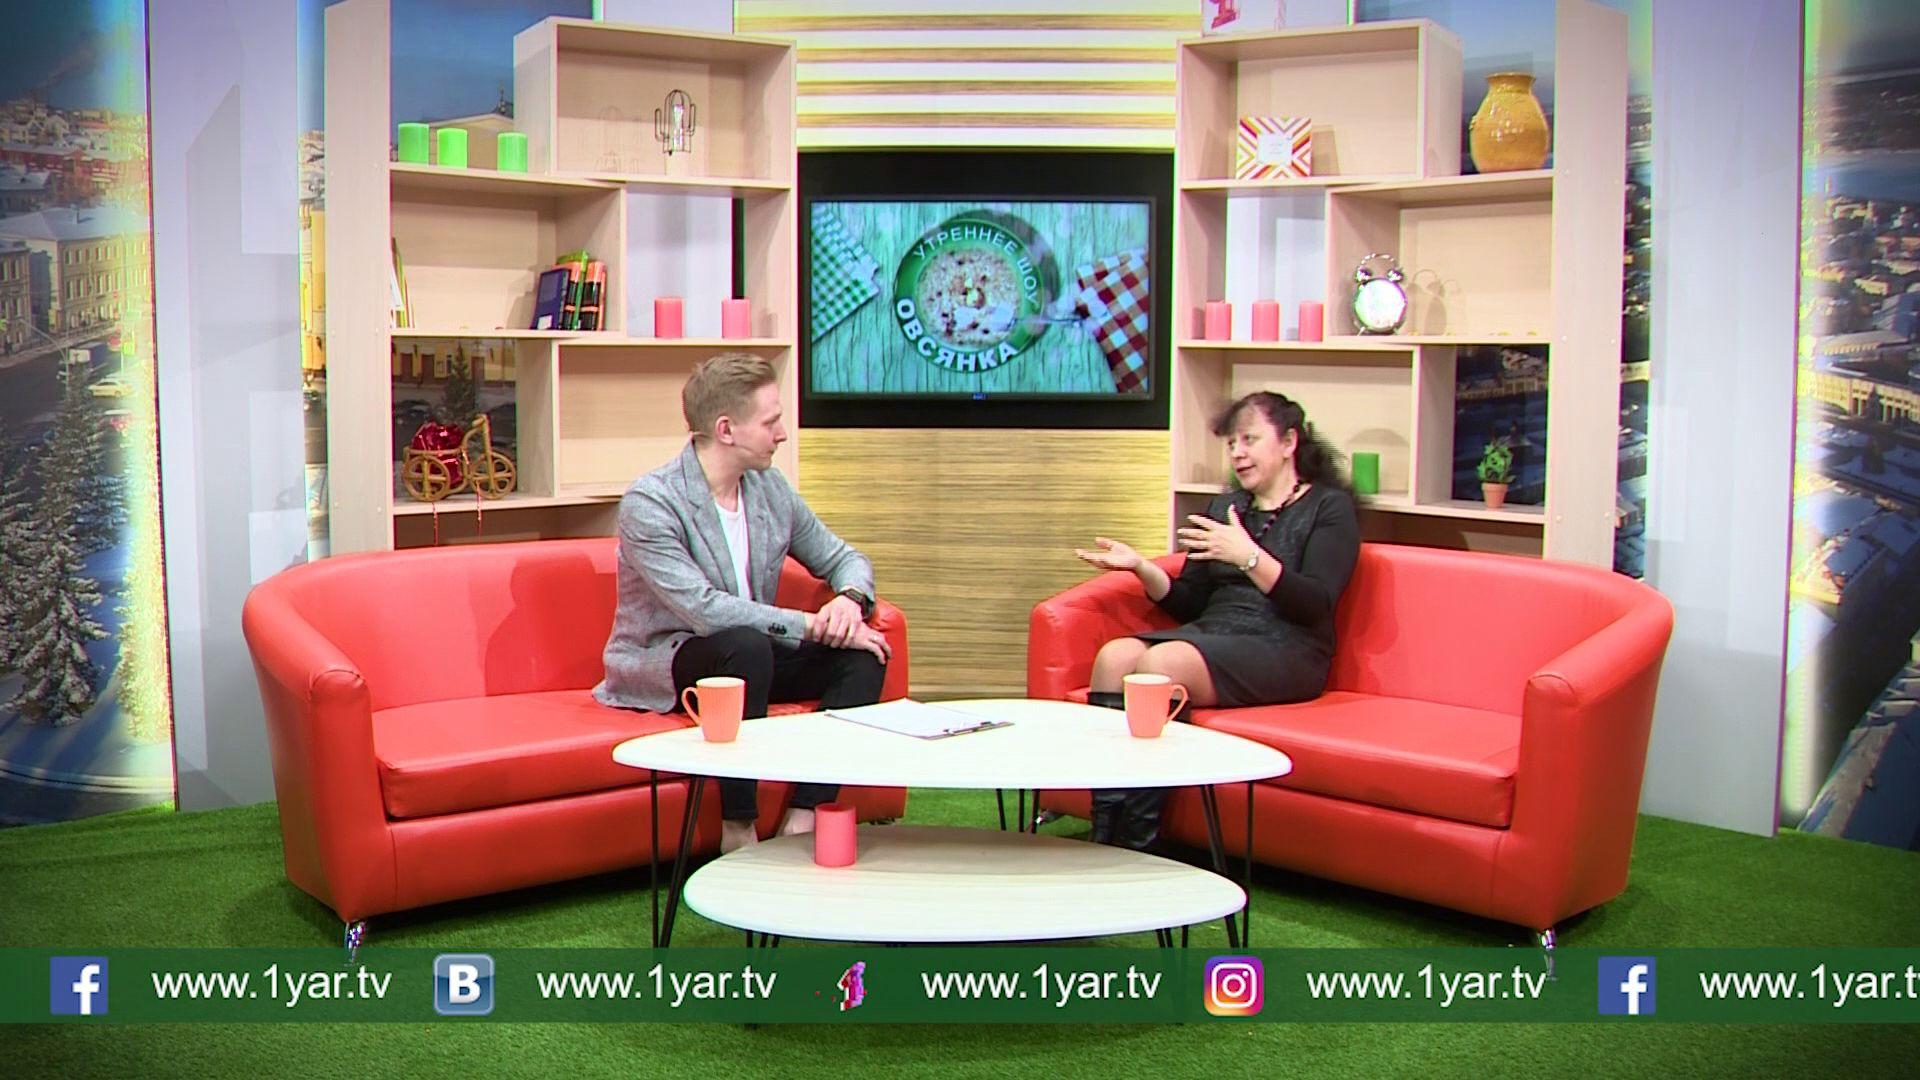 Утреннее шоу «Овсянка» от 18.03.2020: вместе с психологом разбираемся, как конструктивно решать конфликты